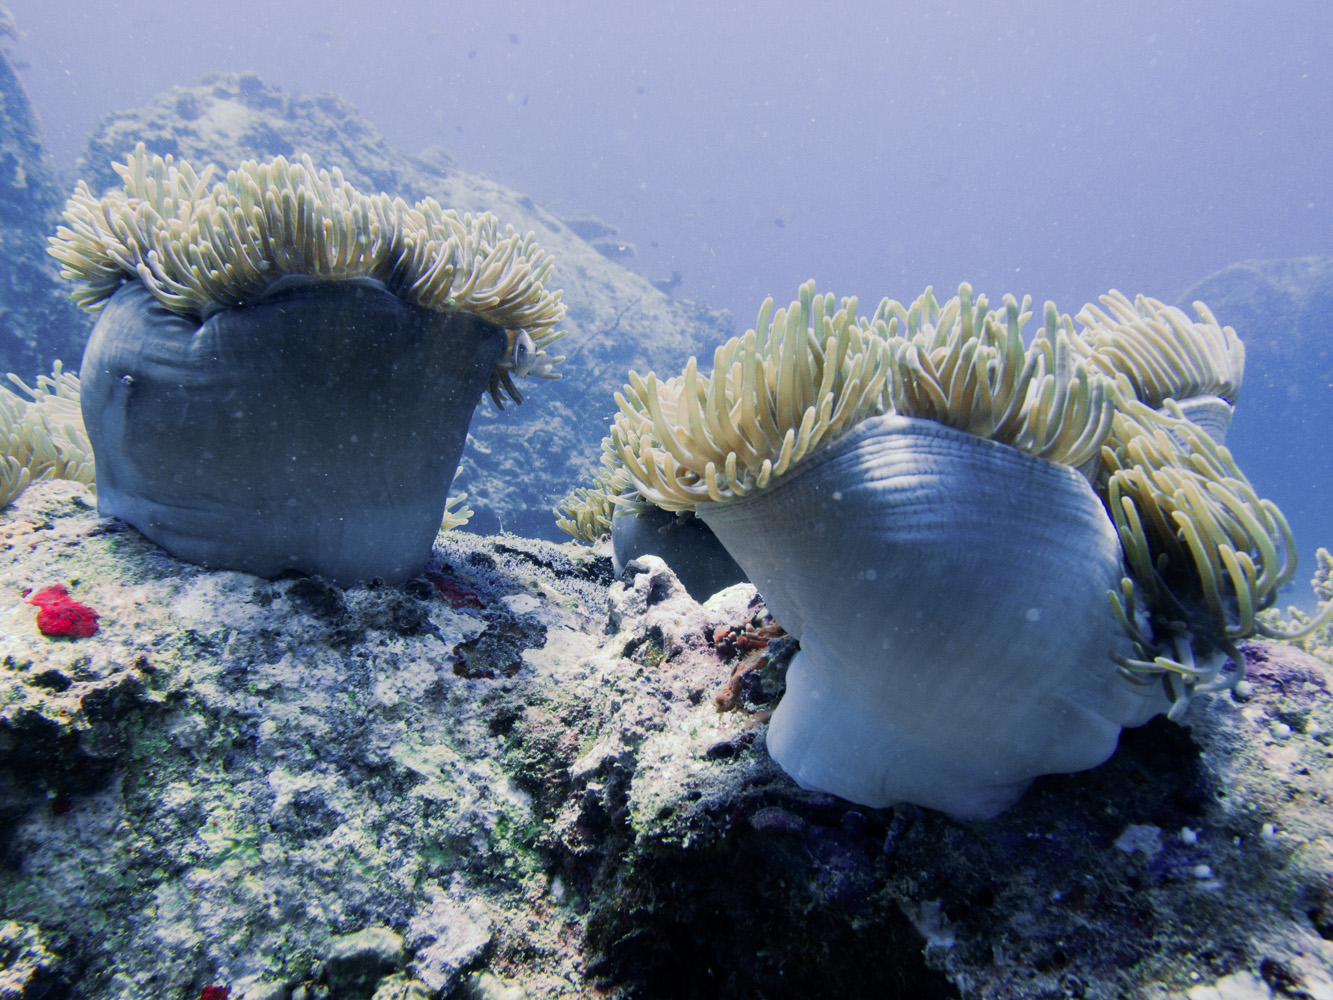 Clownfisch_Anemonenfisch_Nemo_-14